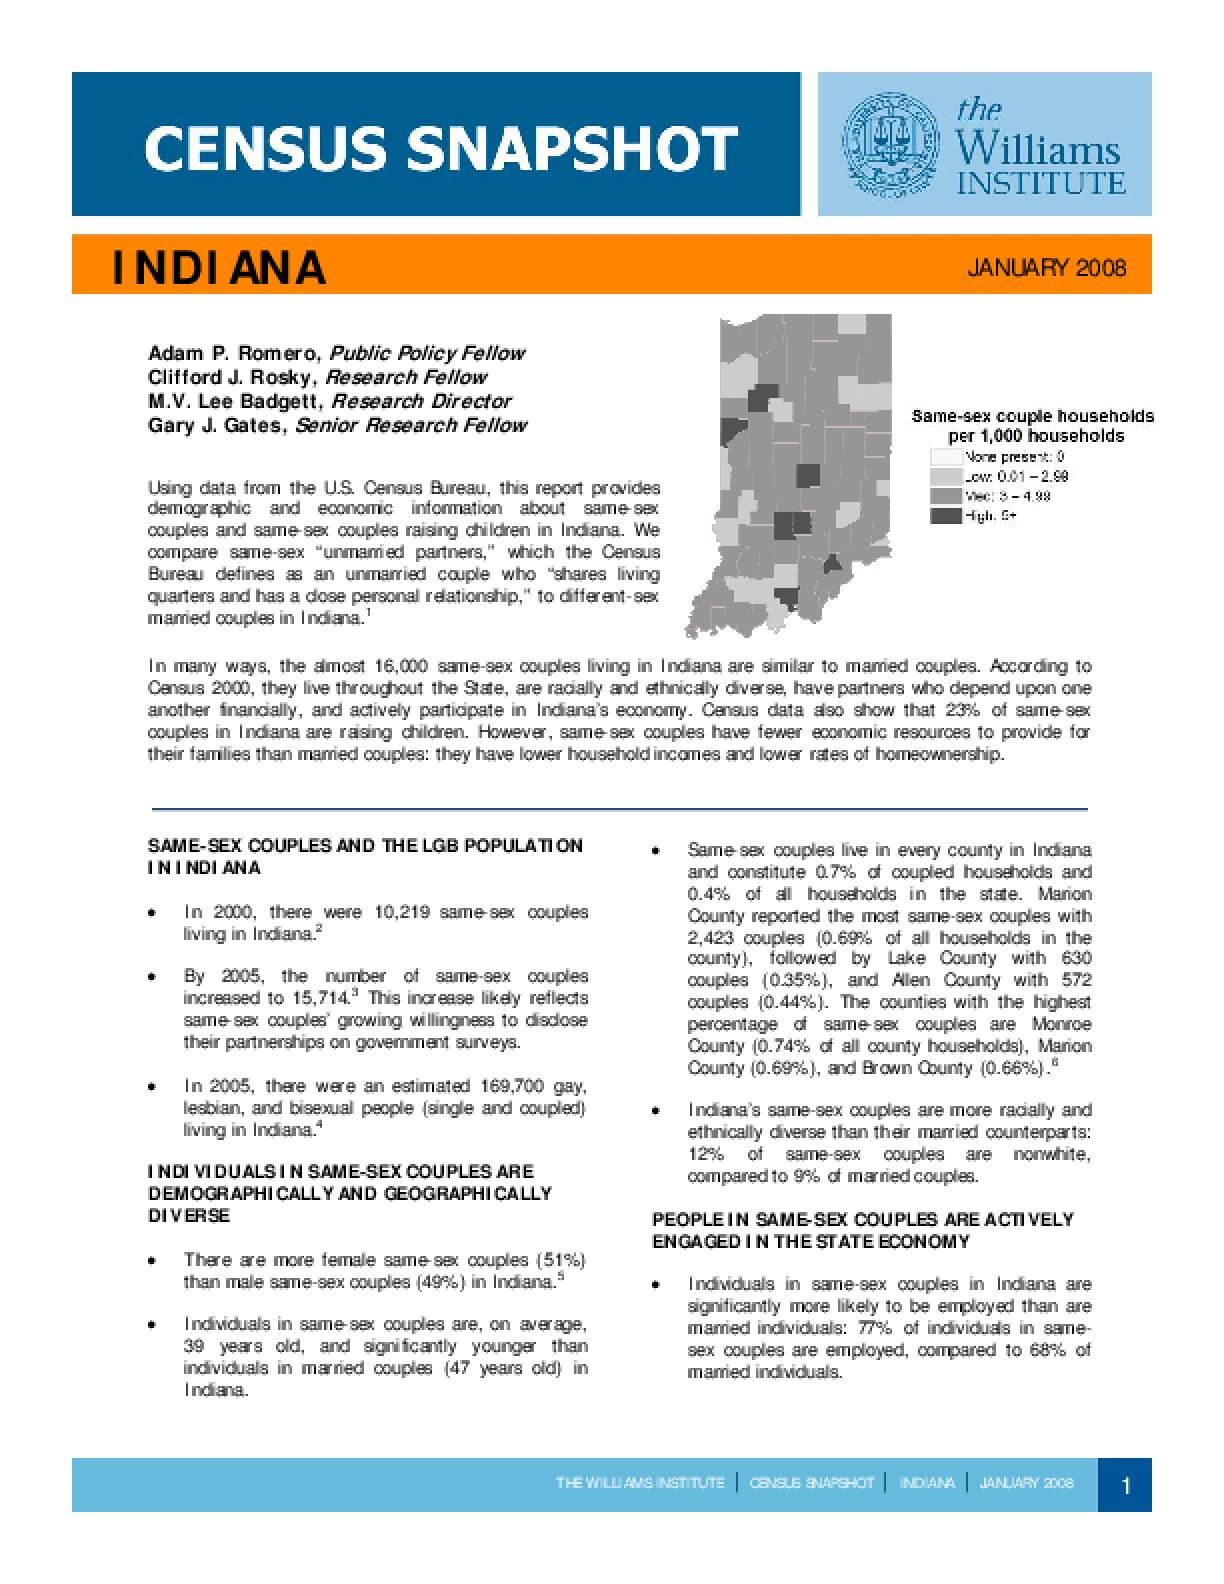 Census Snapshot: Indiana